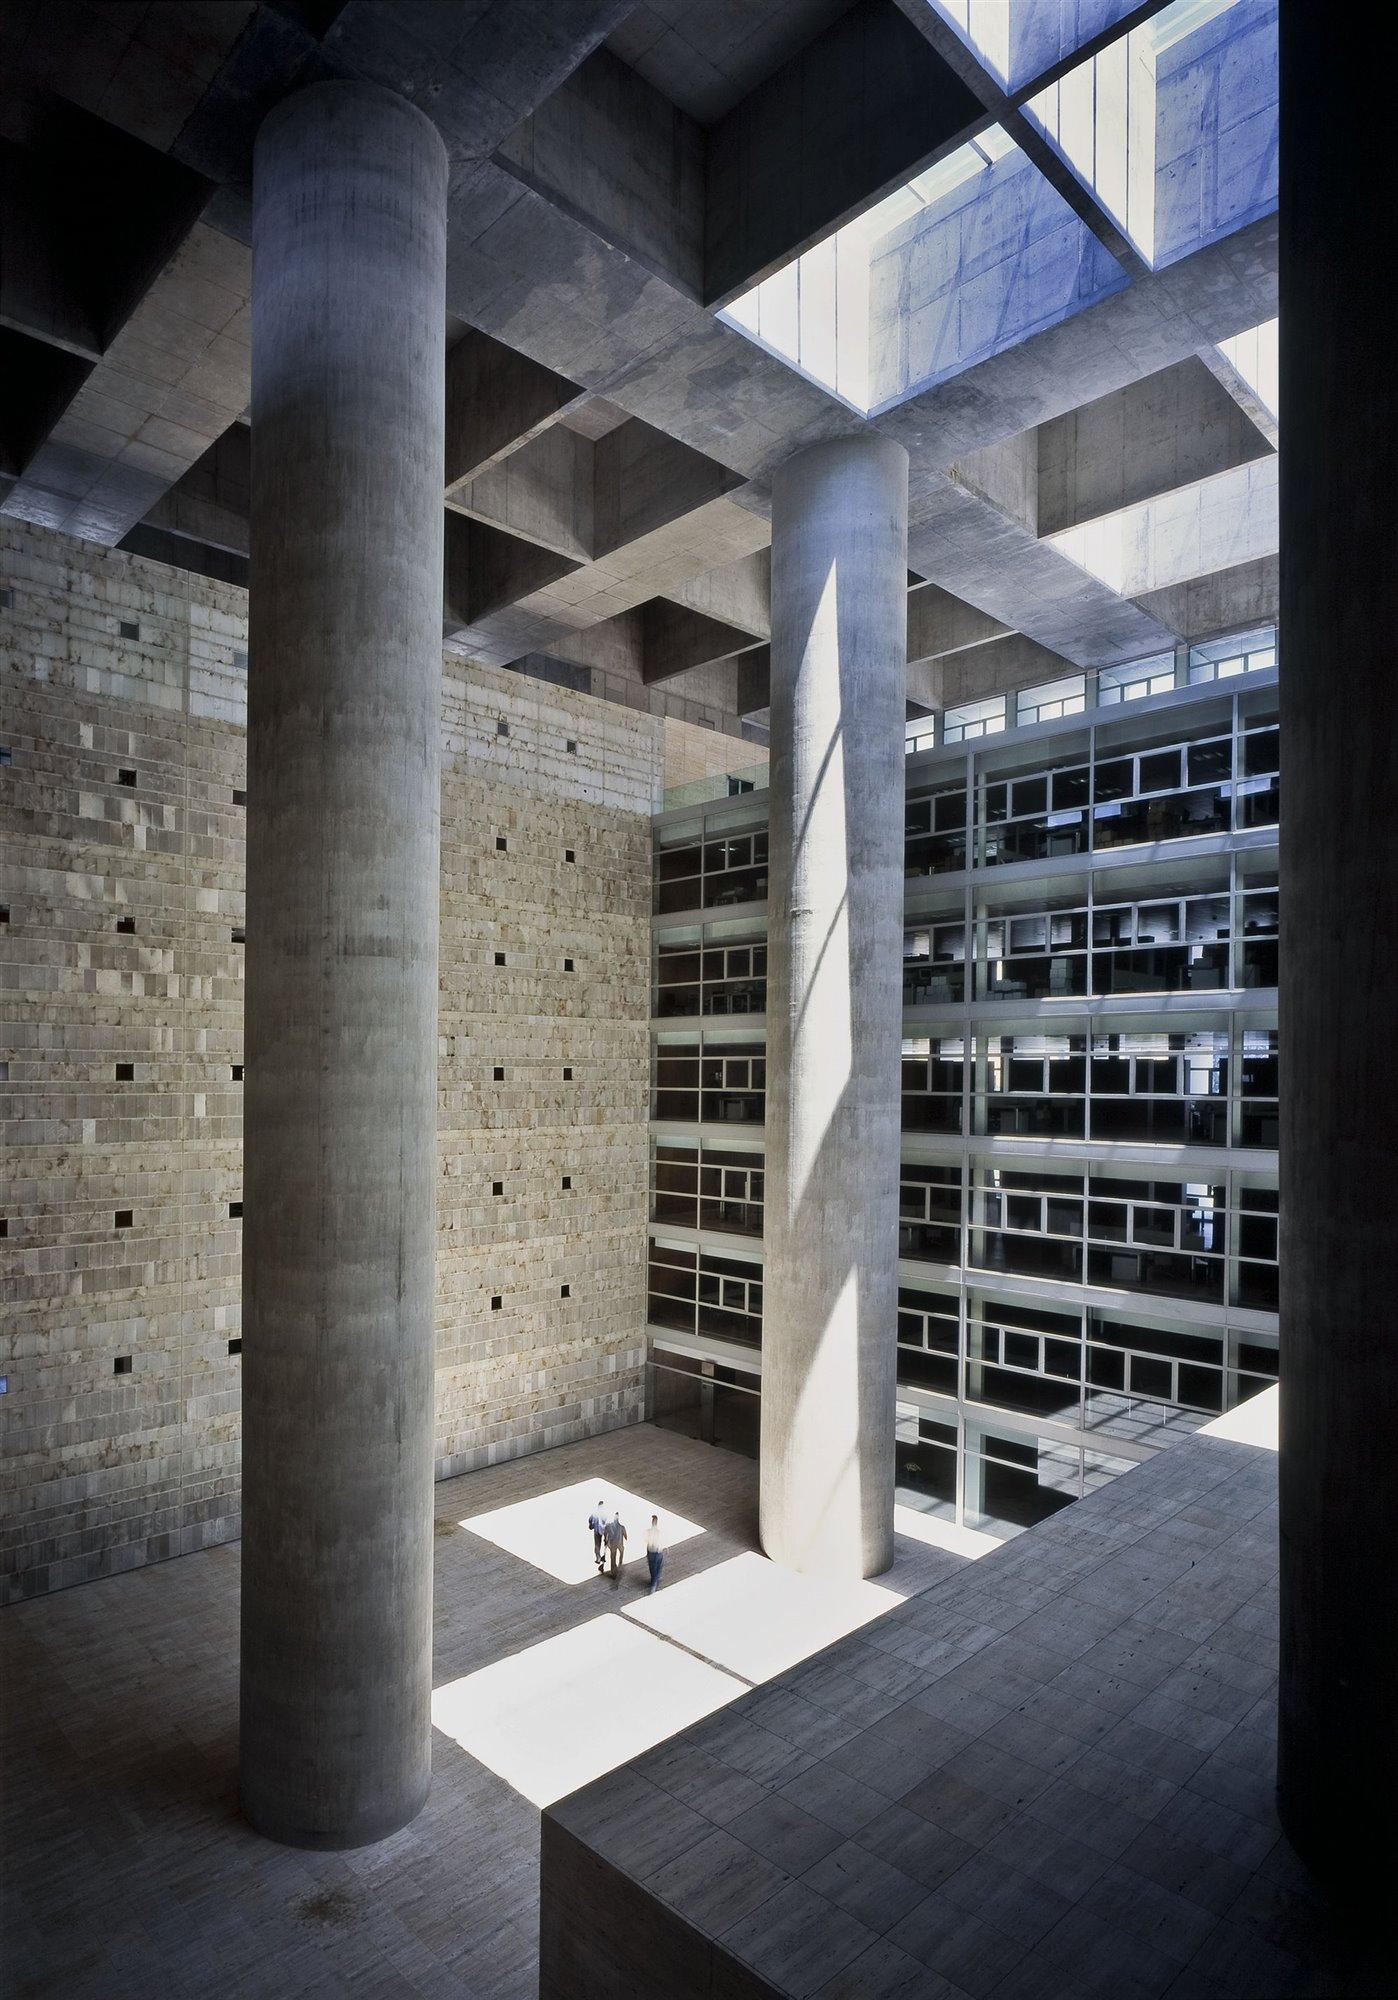 2001 Caja general de ahorros de Granada